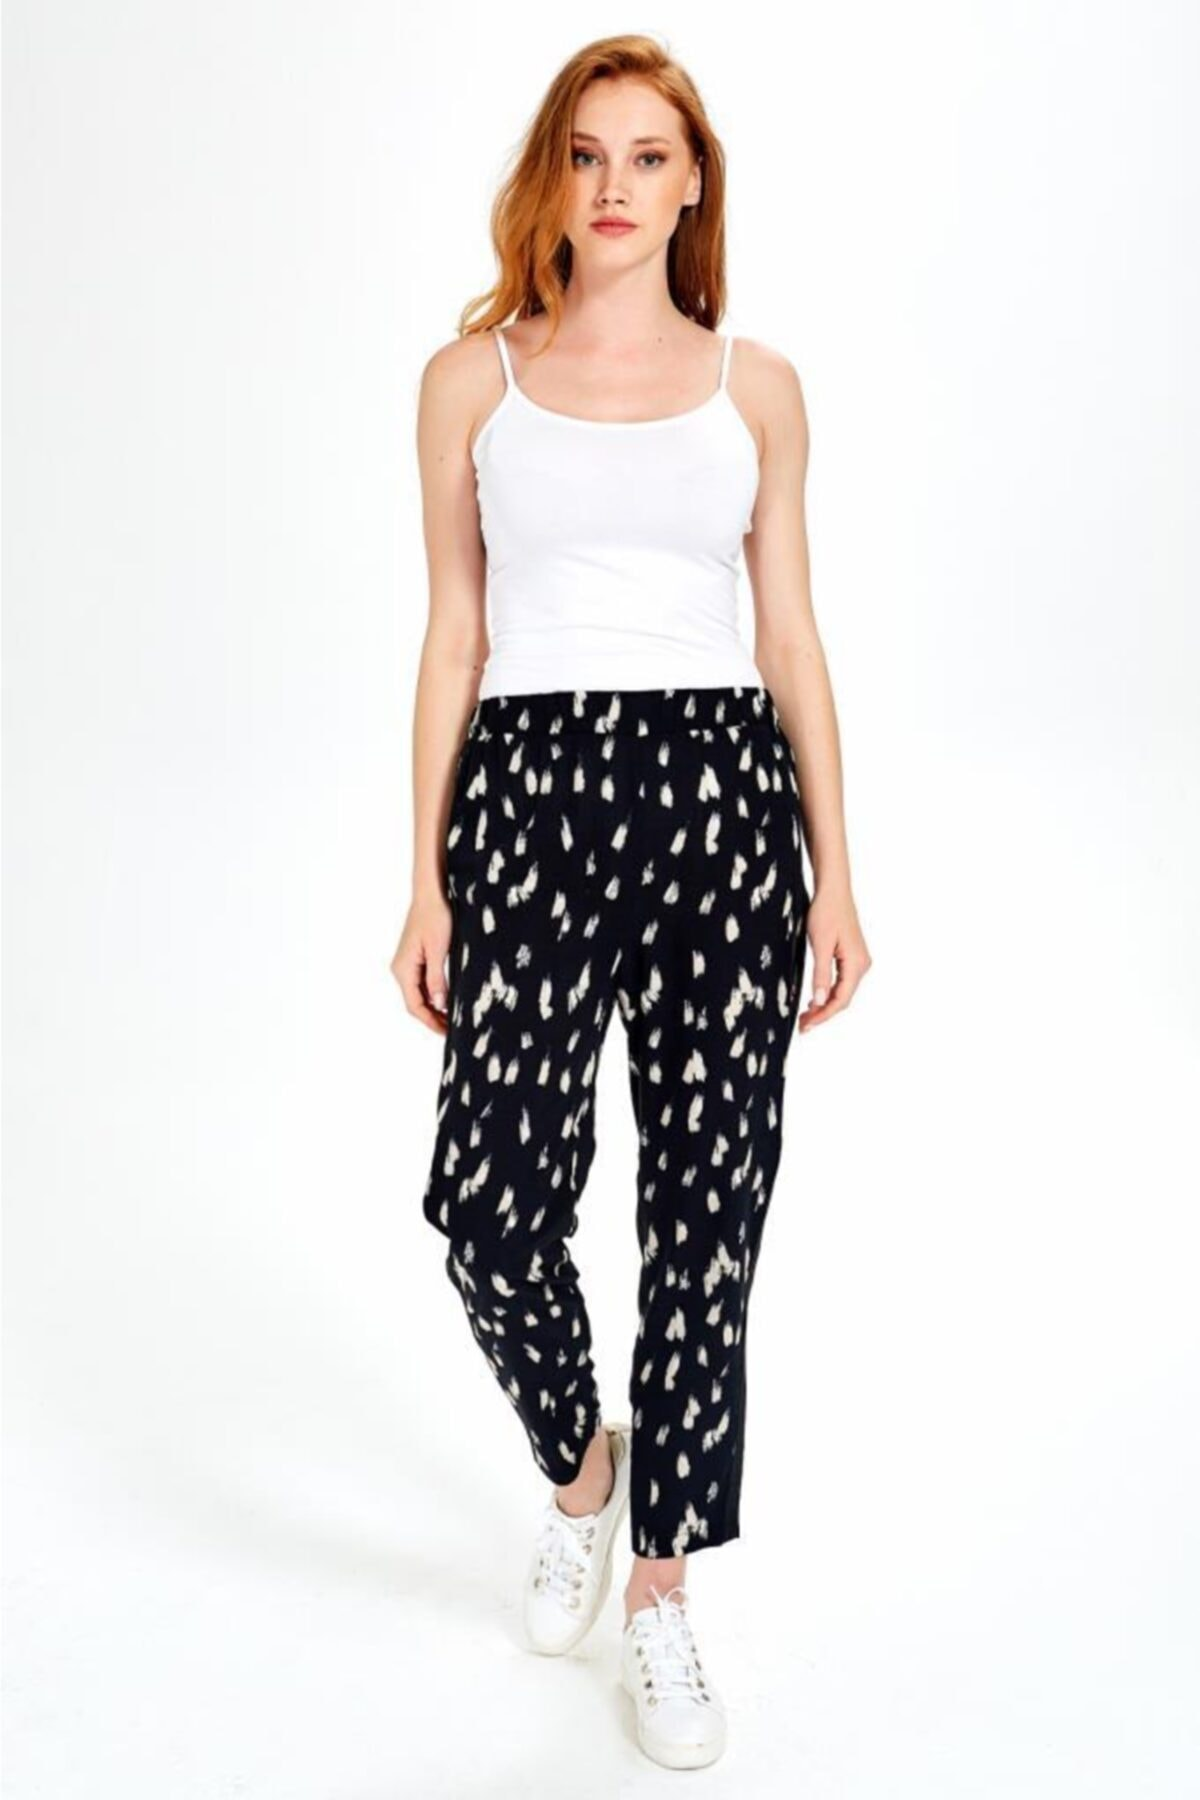 İKİLER Kadın Siyah Yanları Triko Bantlı Desenli Pantolon 190-3504-01 2